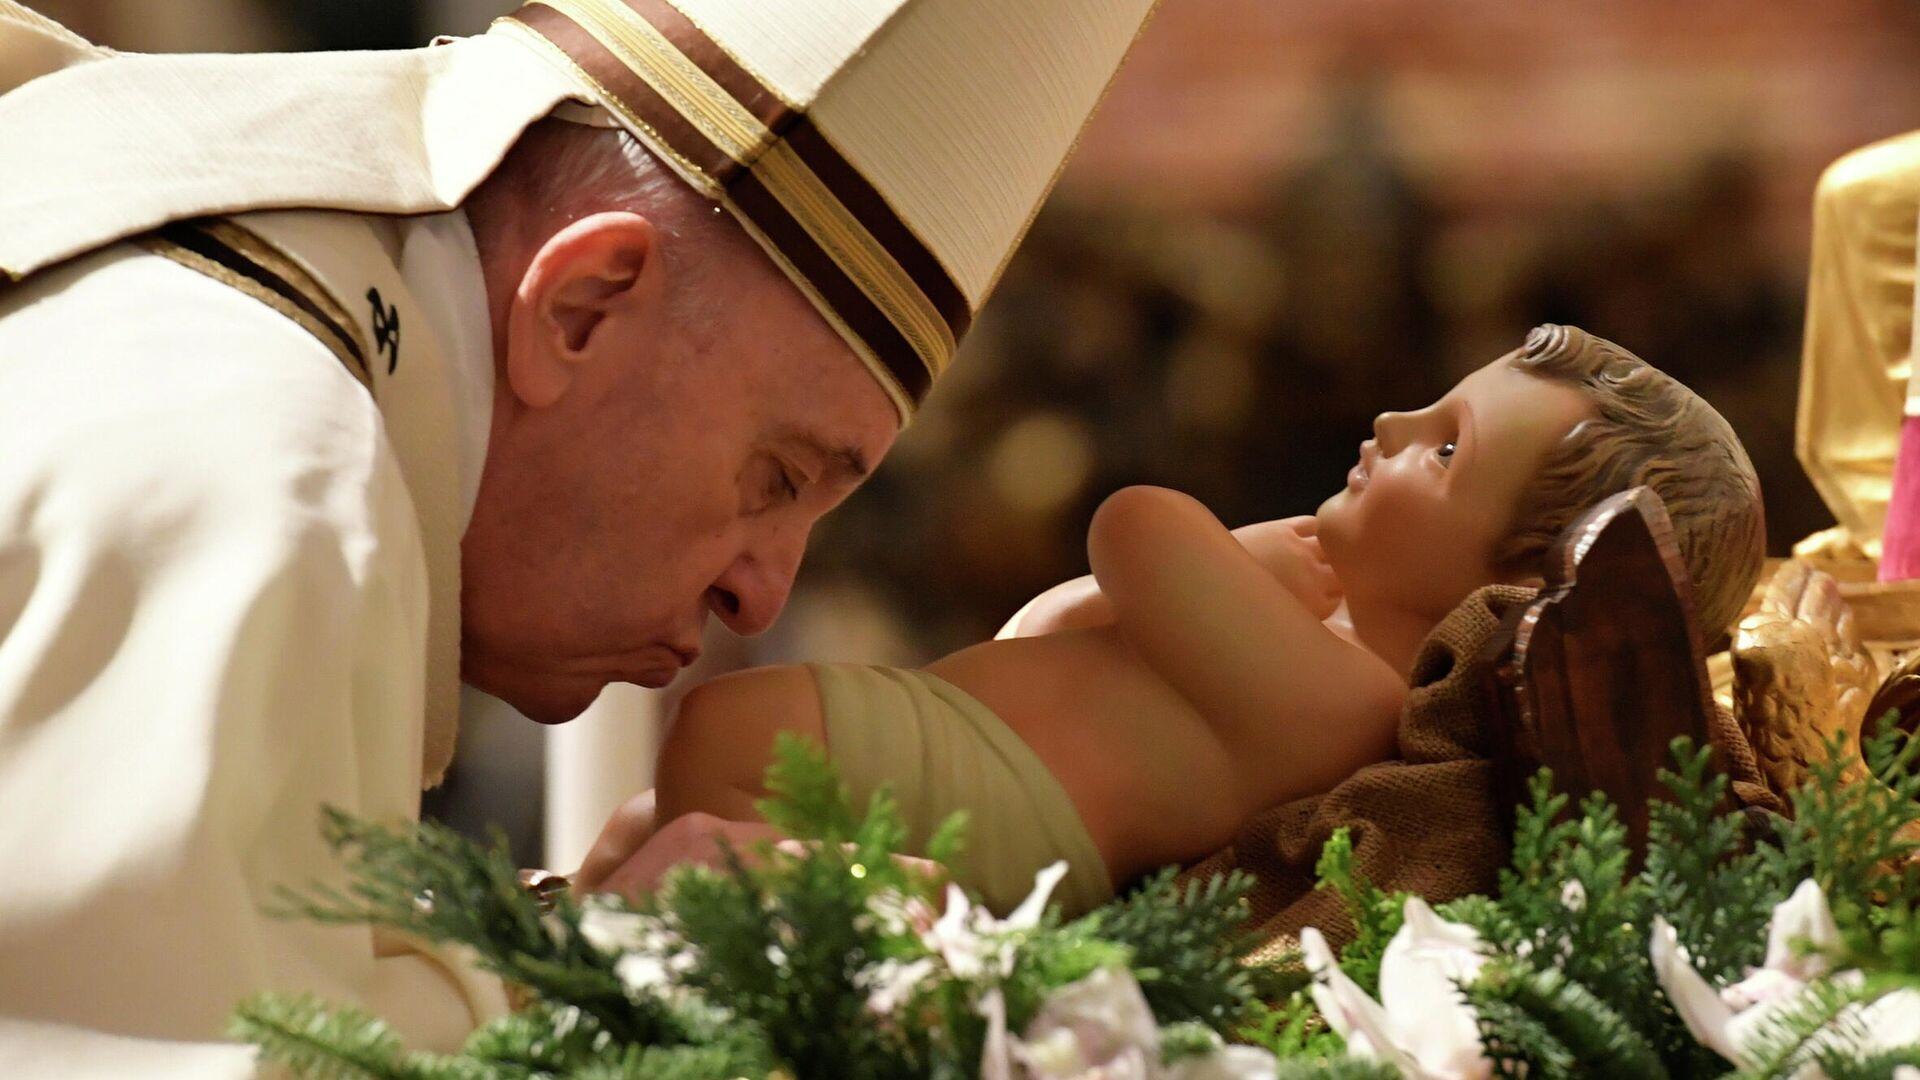 Папа Римский Франциск во время рождественской мессы в соборе святого Петра в Ватикане - РИА Новости, 1920, 25.12.2020